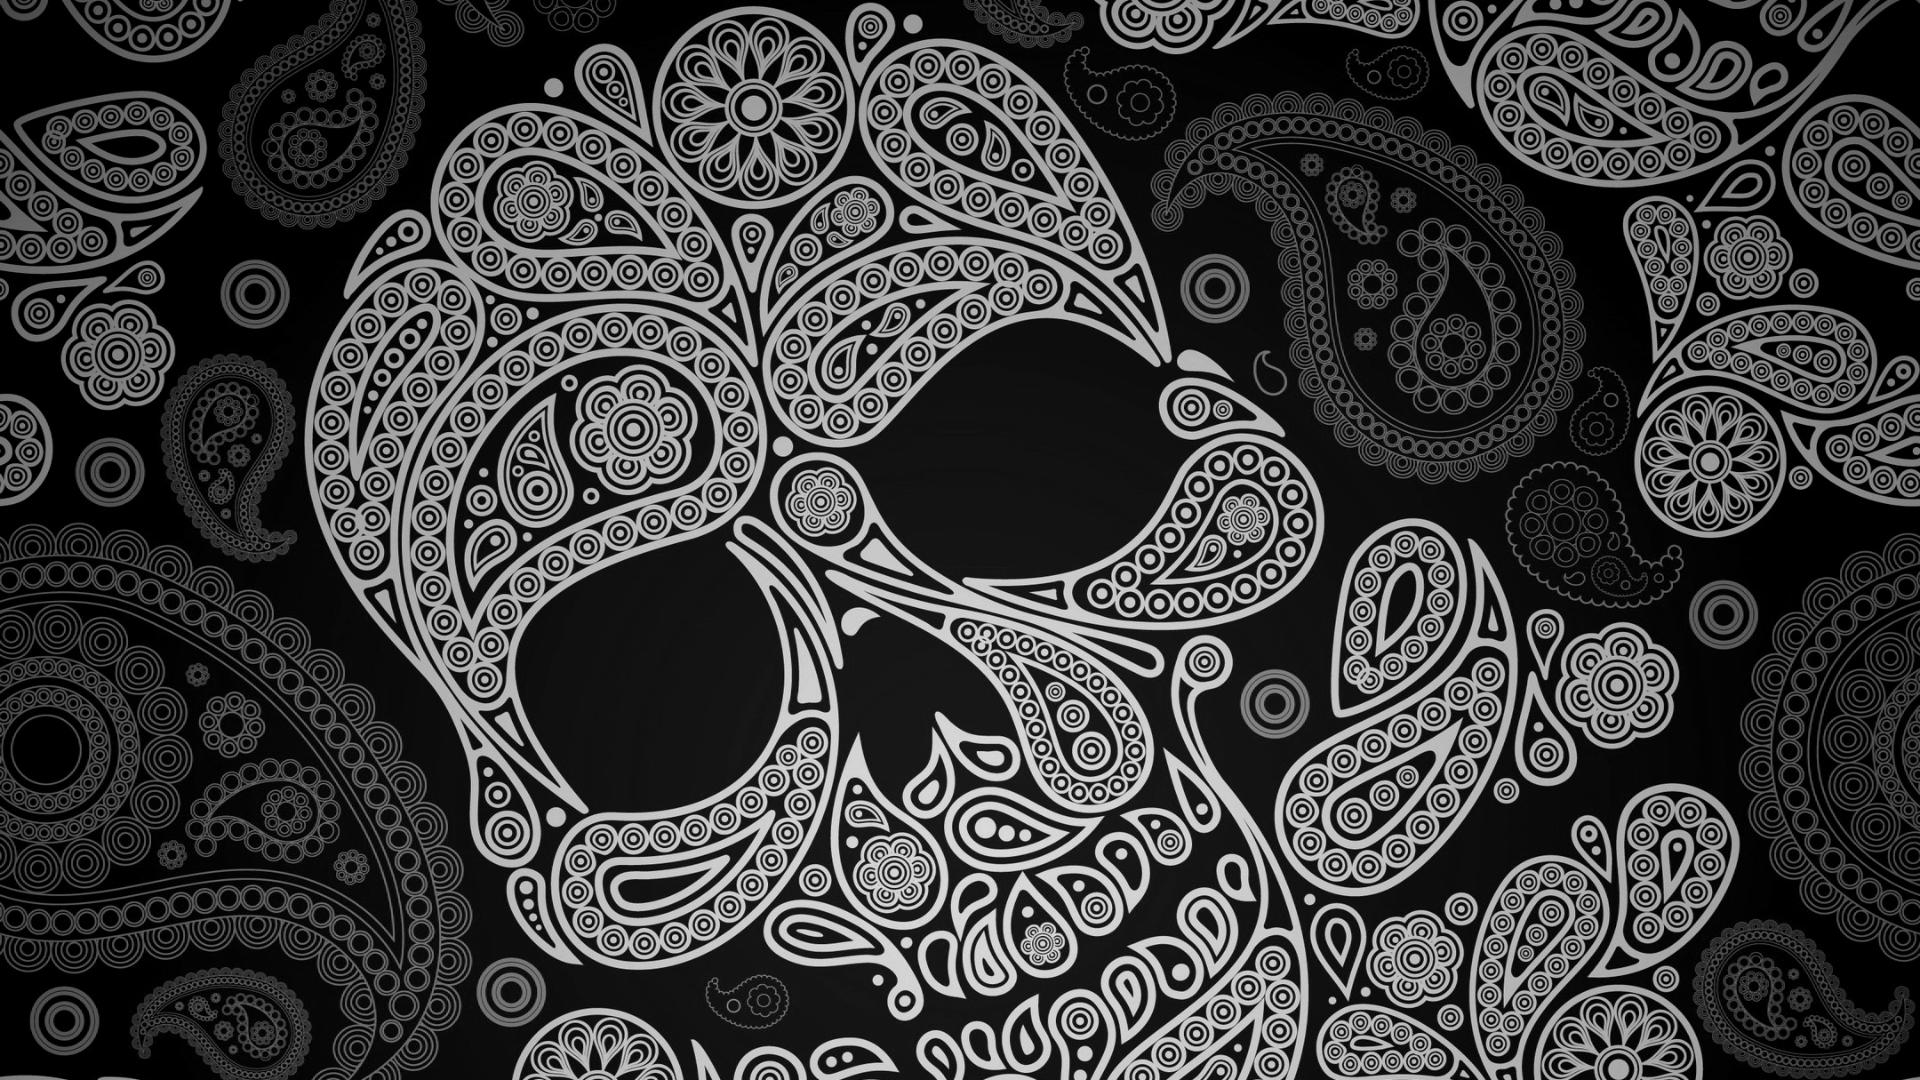 Sugar Skull Wallpaper Paisley skull 1920x1080